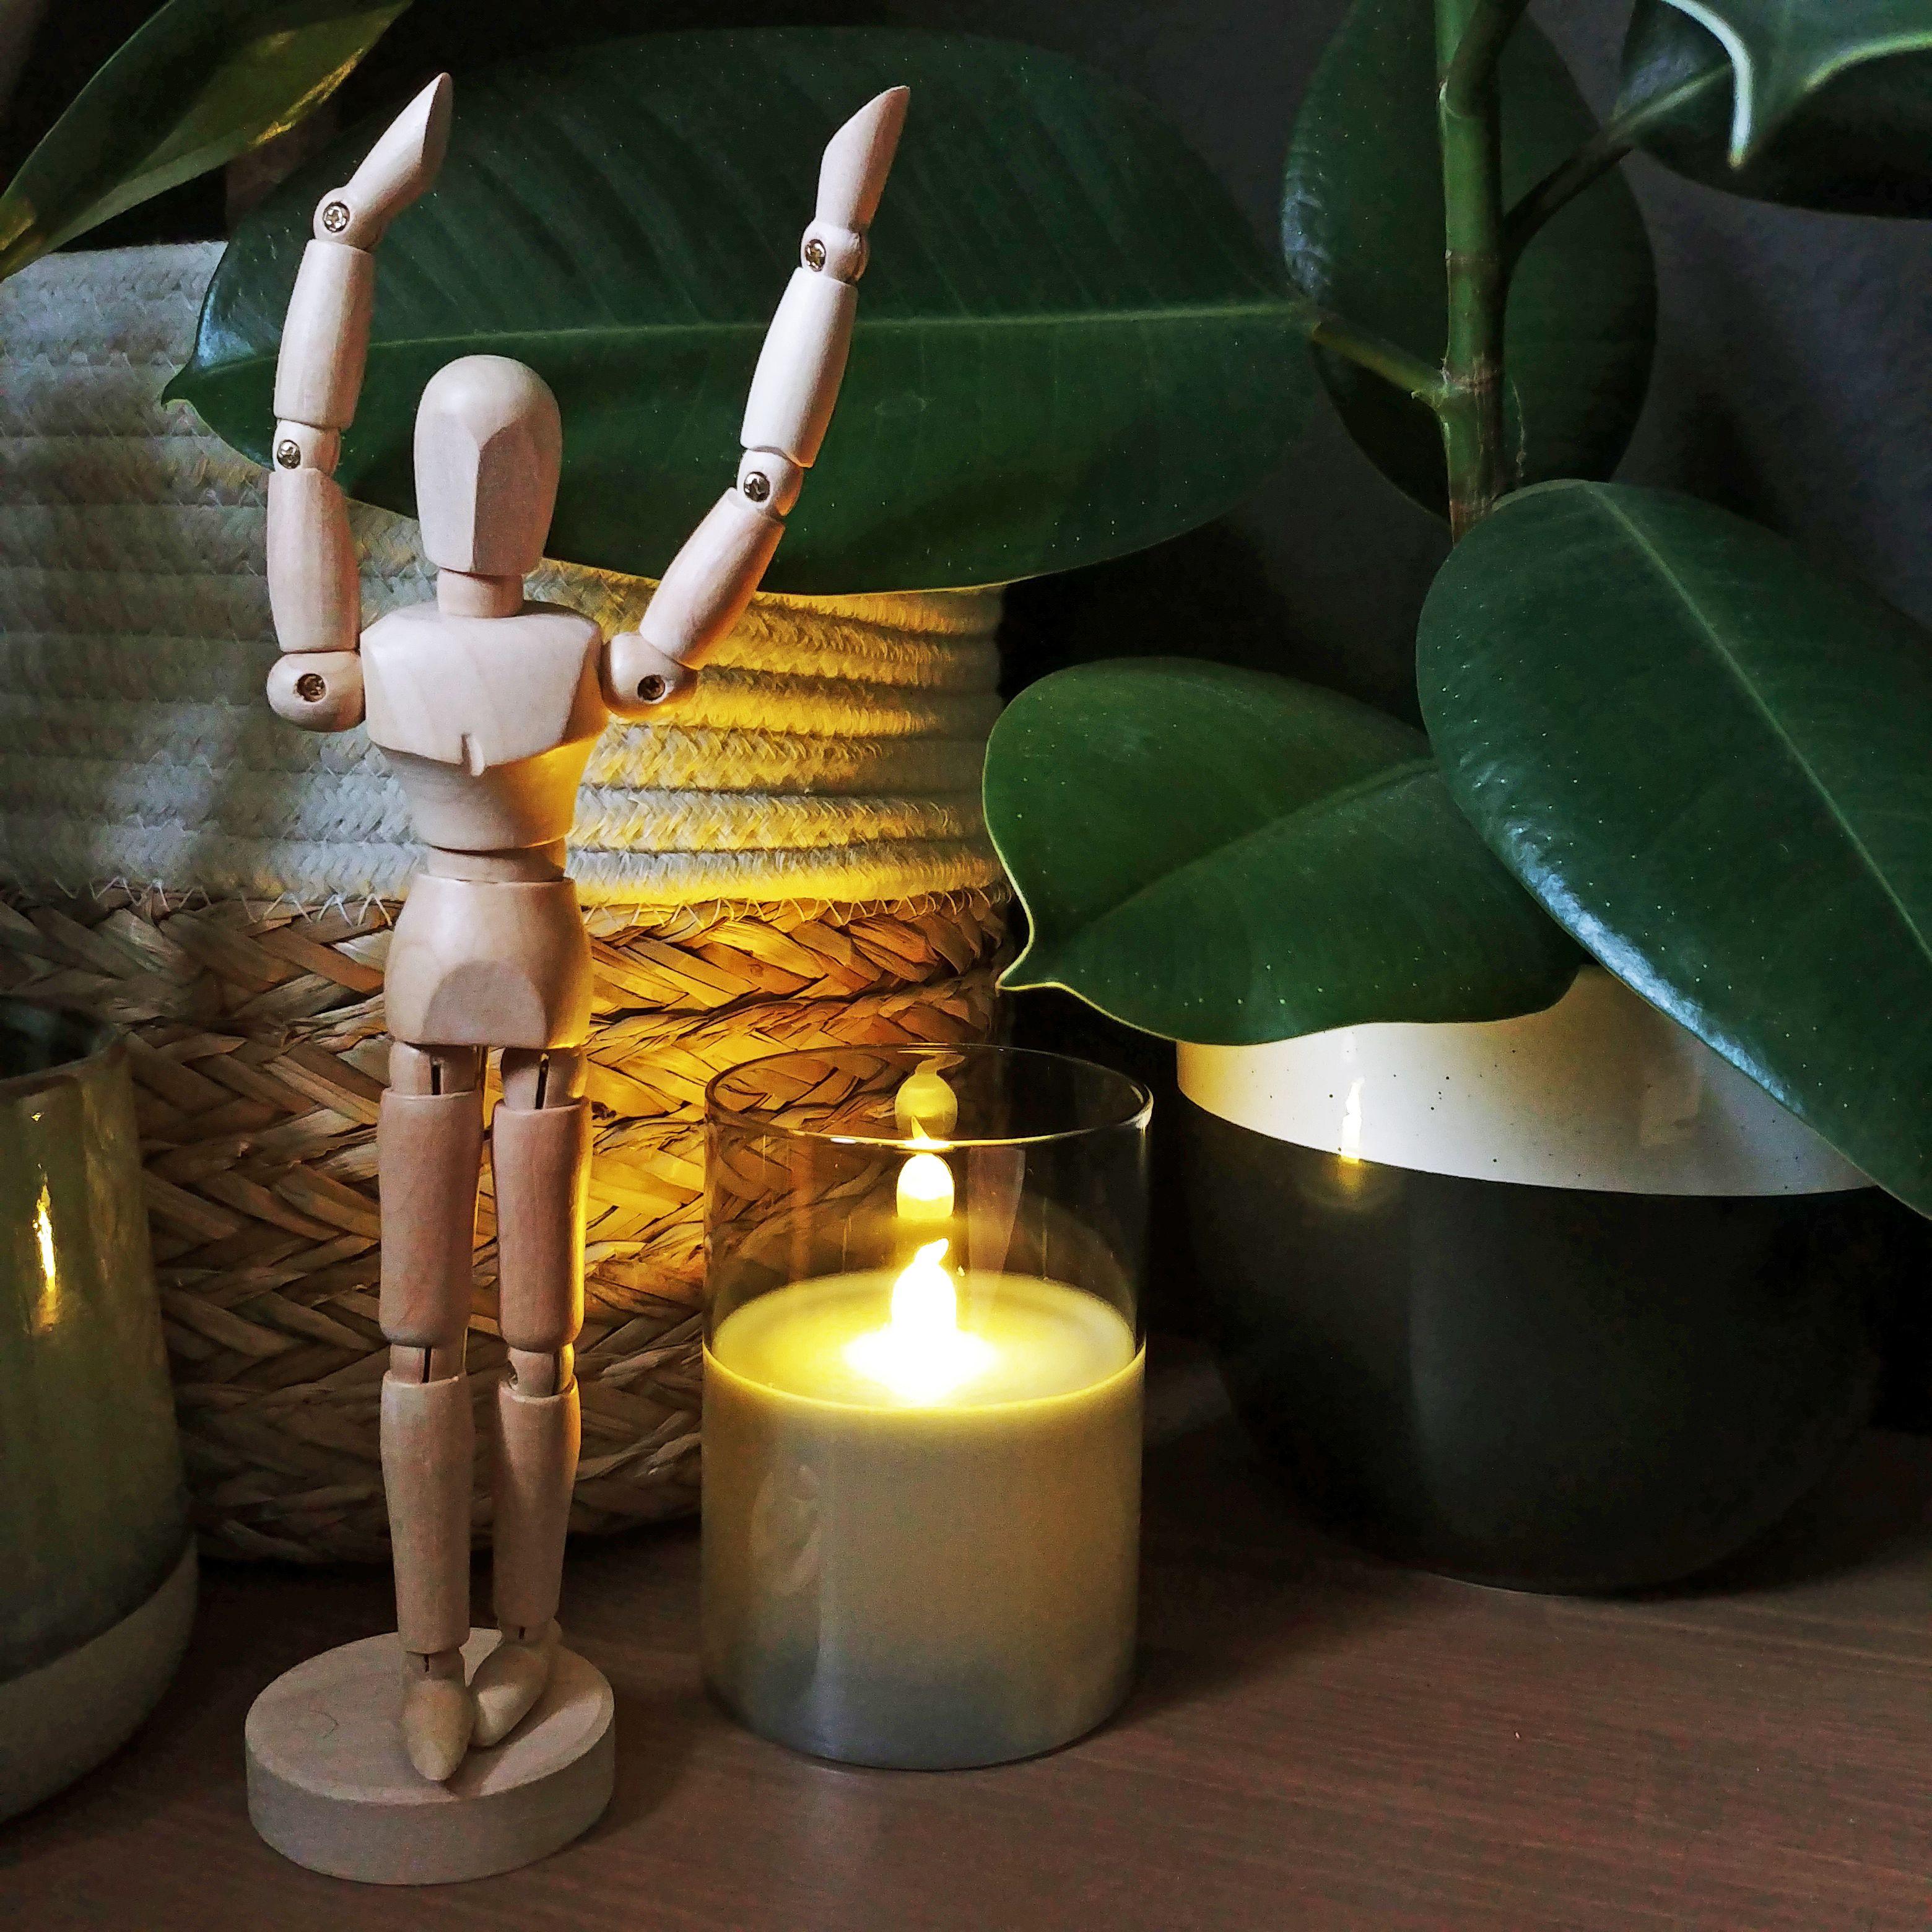 Classy Smokey Candle Wachskerze 3er Set Batterie Grau Weiss Glas Wachs Led Kerzen Kerzen Led